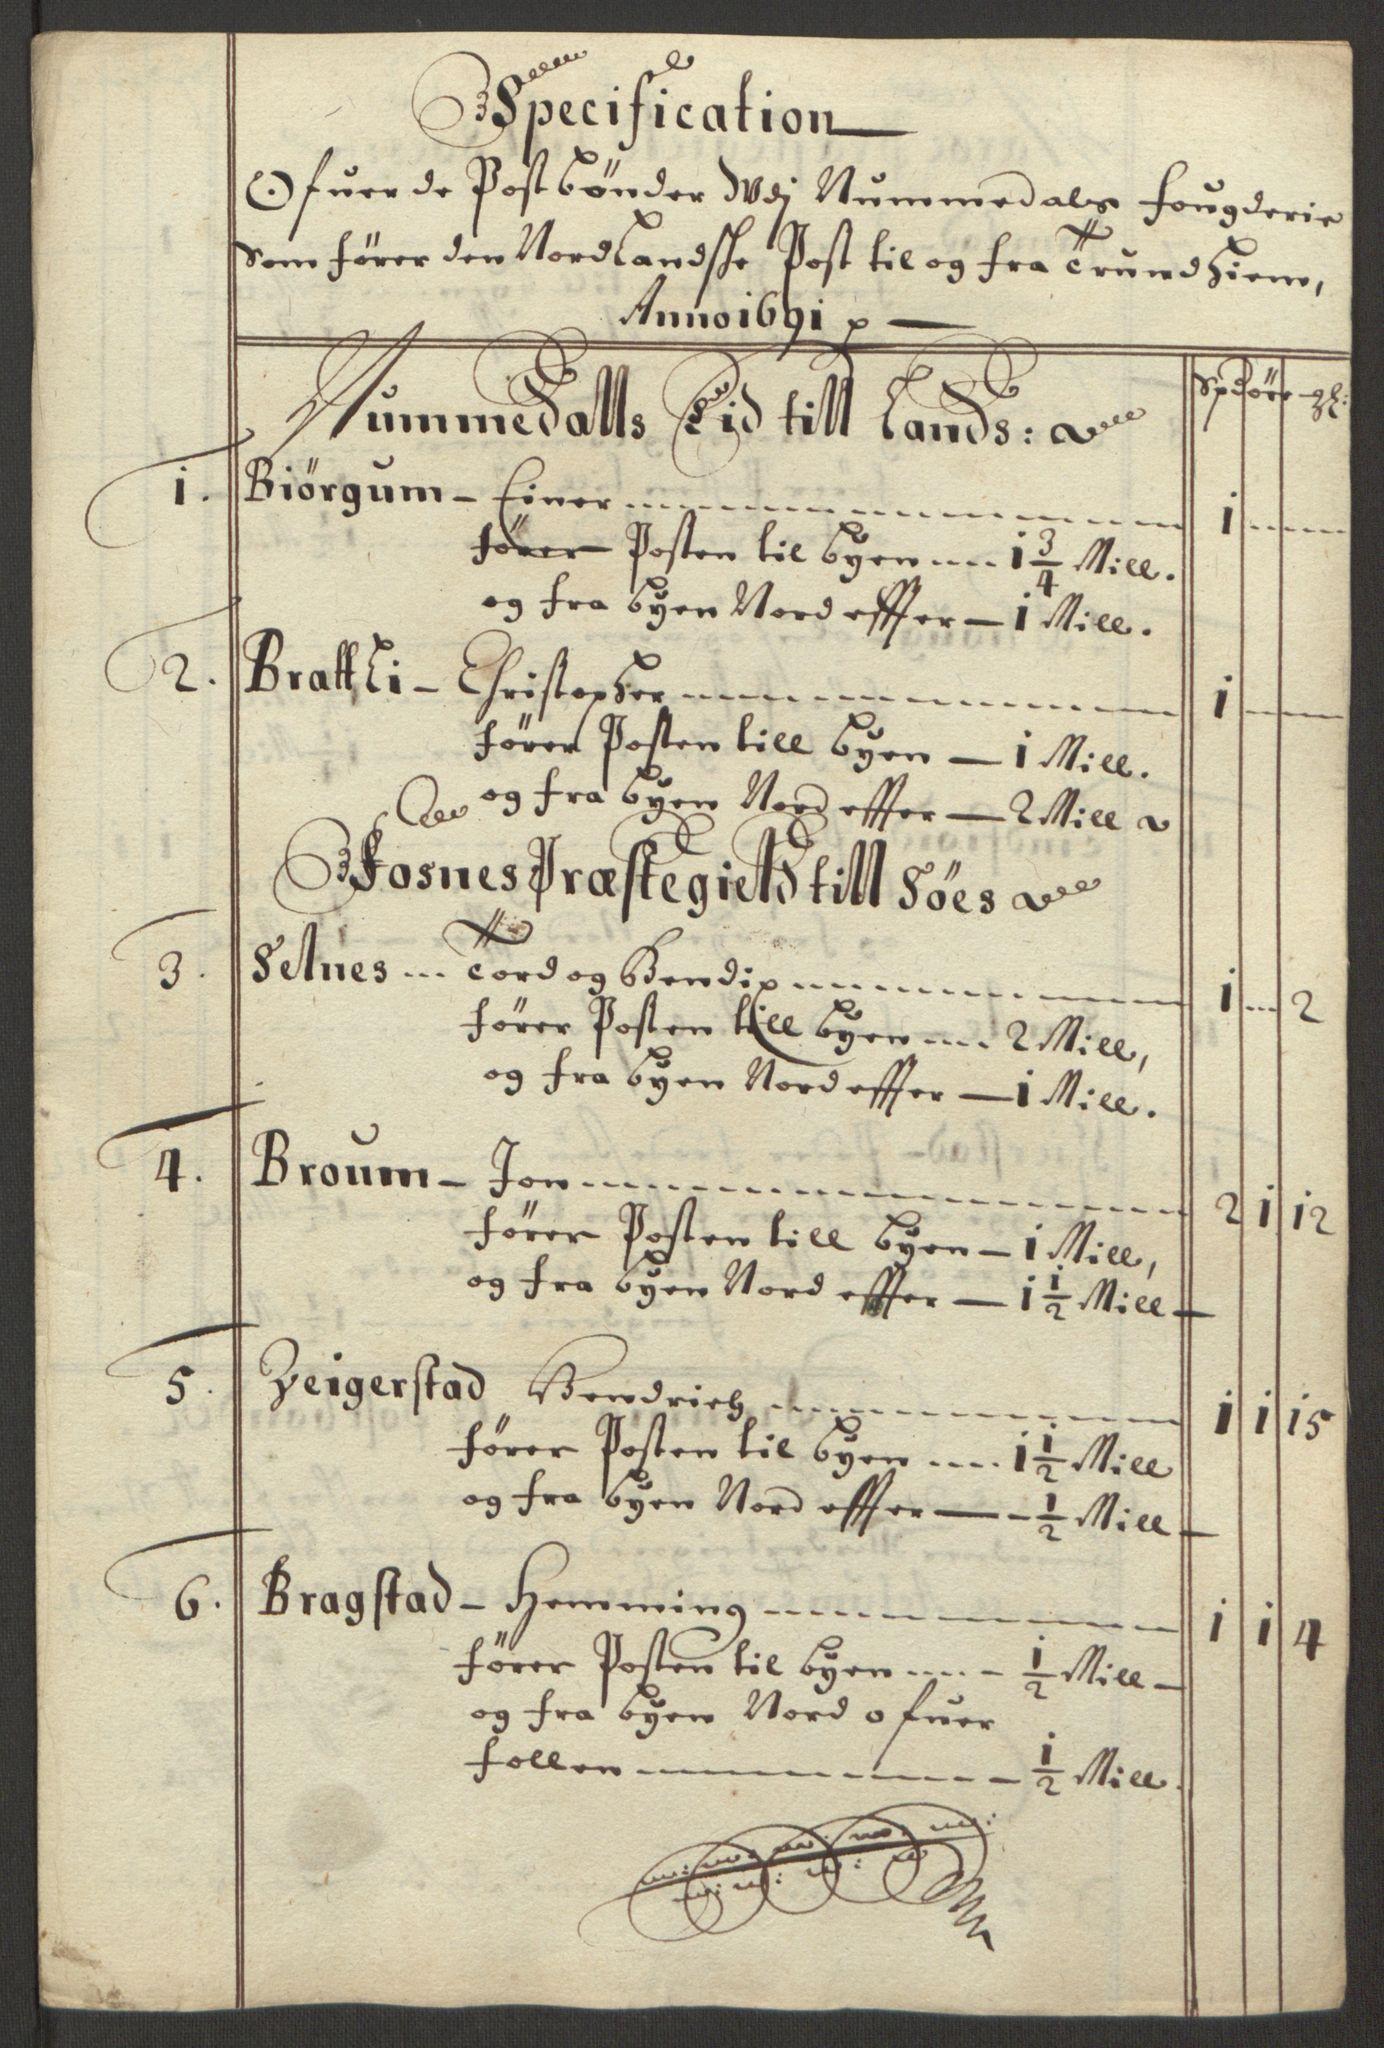 RA, Rentekammeret inntil 1814, Reviderte regnskaper, Fogderegnskap, R64/L4423: Fogderegnskap Namdal, 1690-1691, s. 352